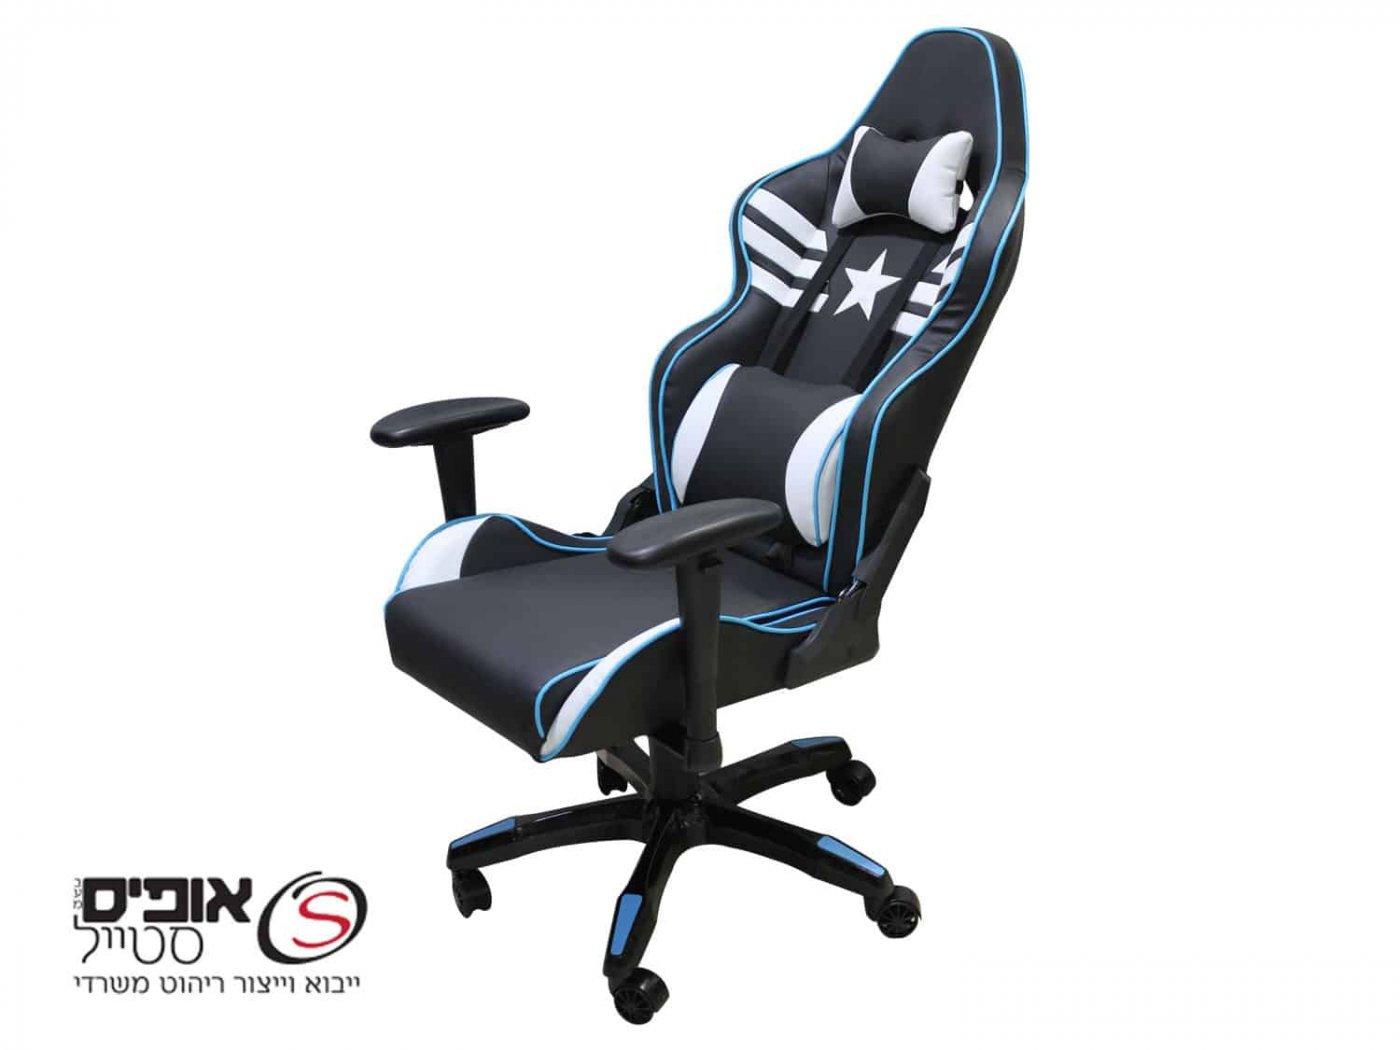 כסא גיימינג דגם אמריקנו